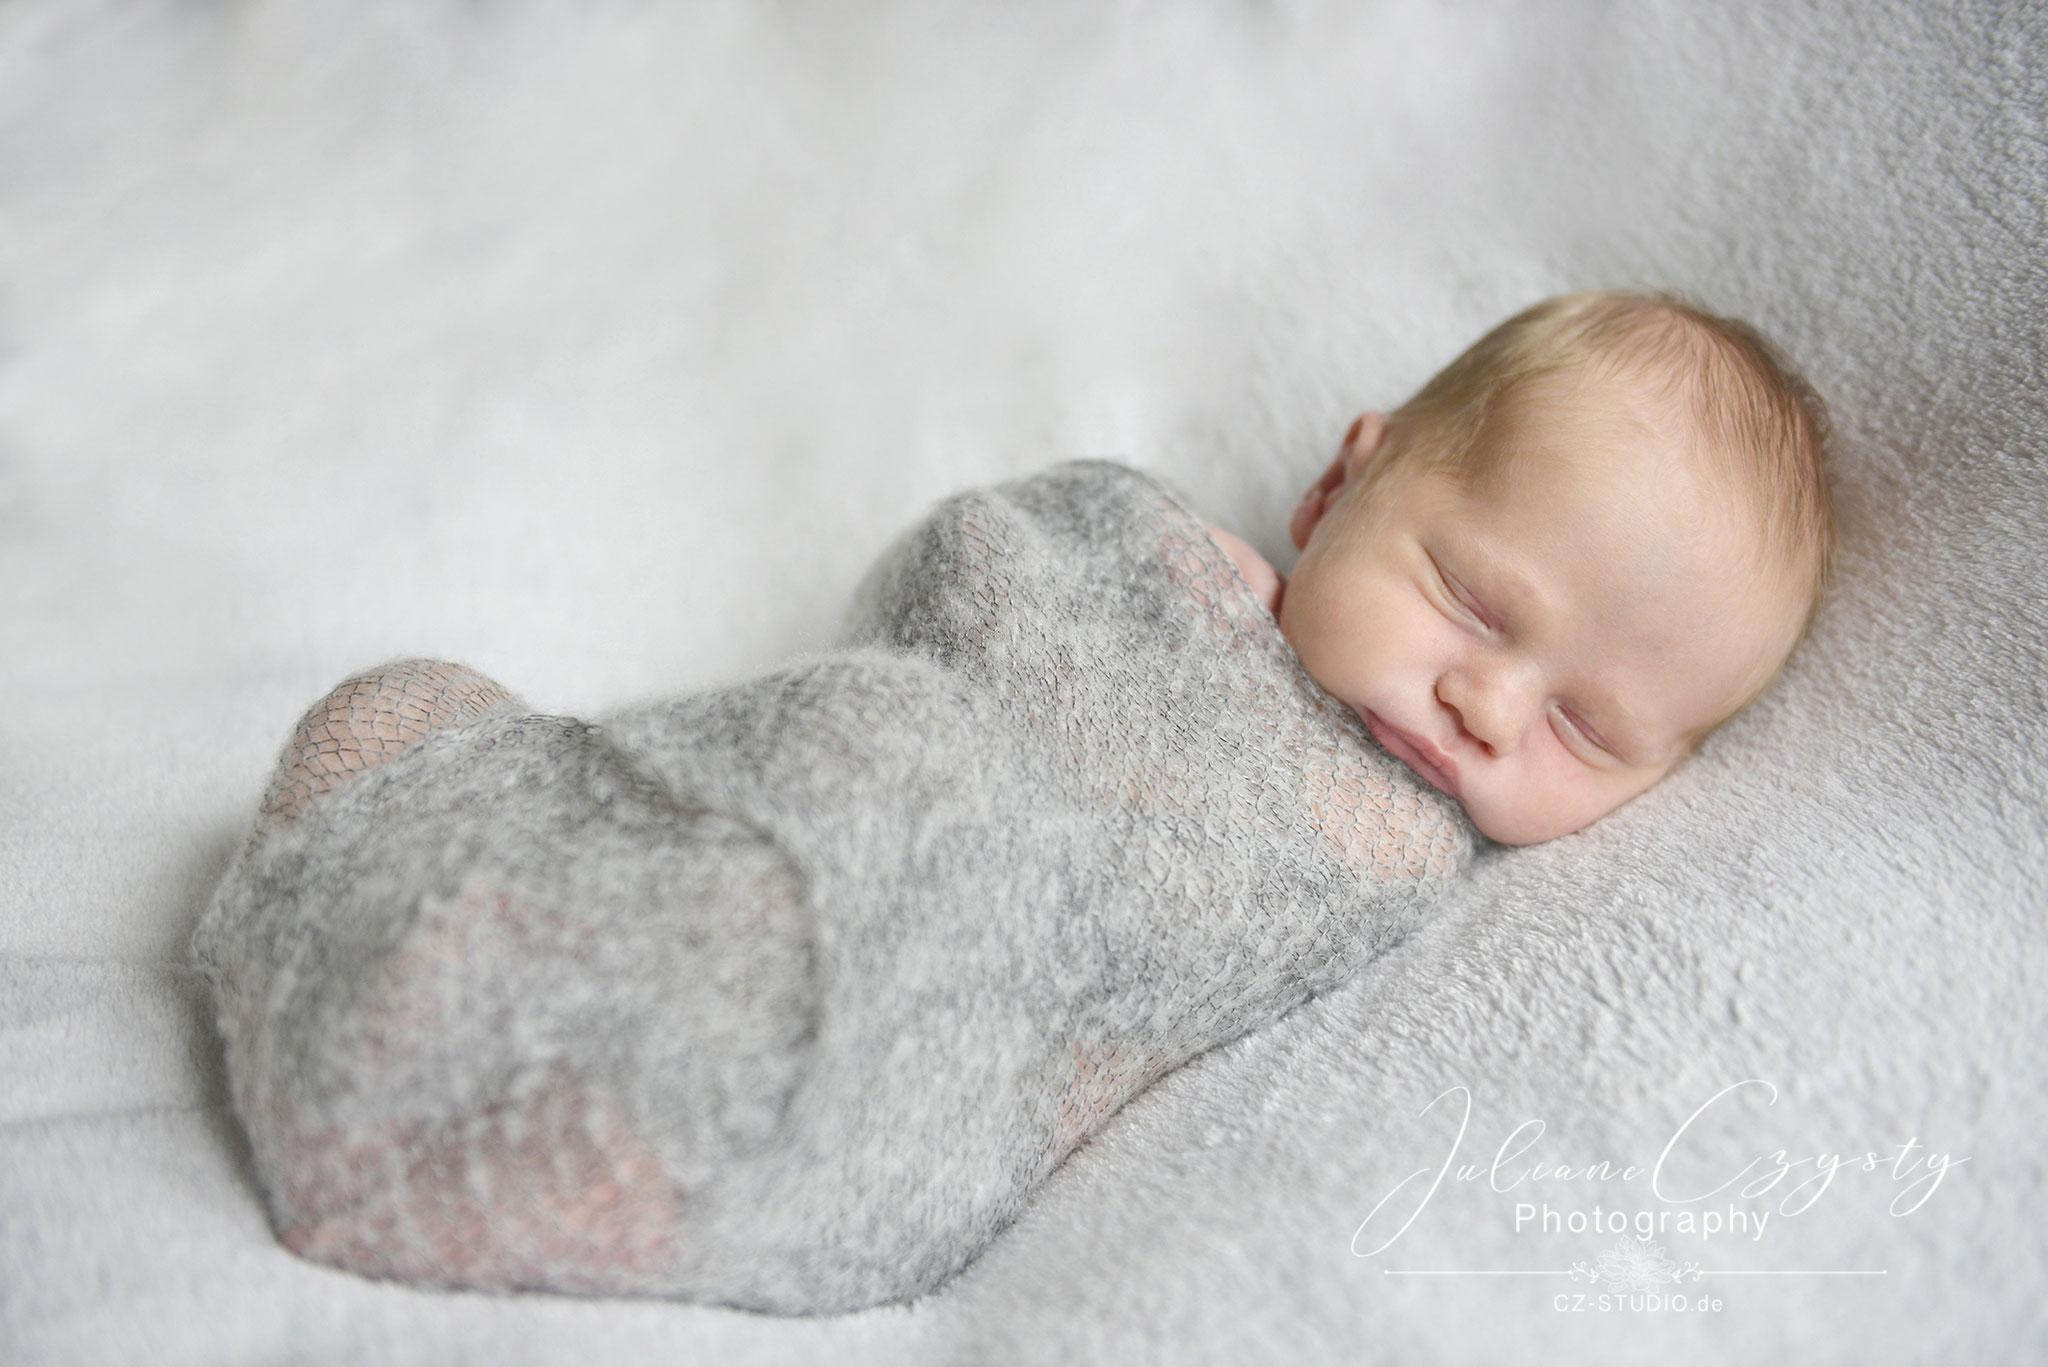 Neugeborenen-Shooting – Juliane Czysty, Fotostudio in Visselhövede